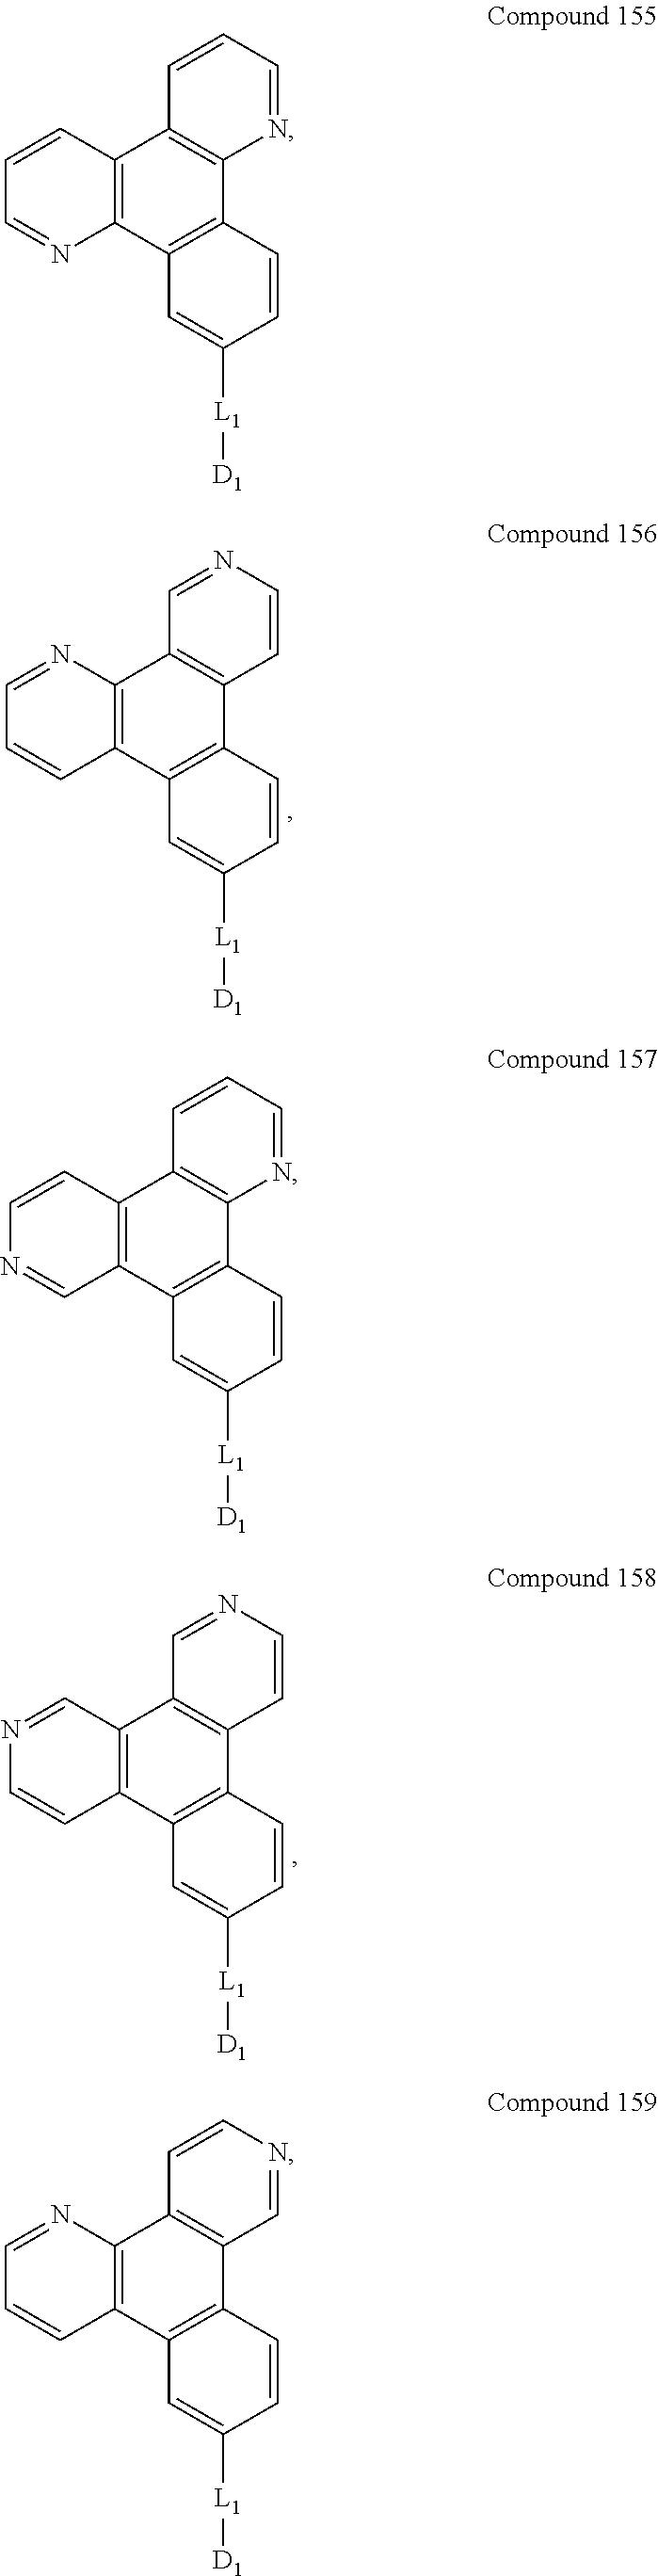 Figure US09537106-20170103-C00188